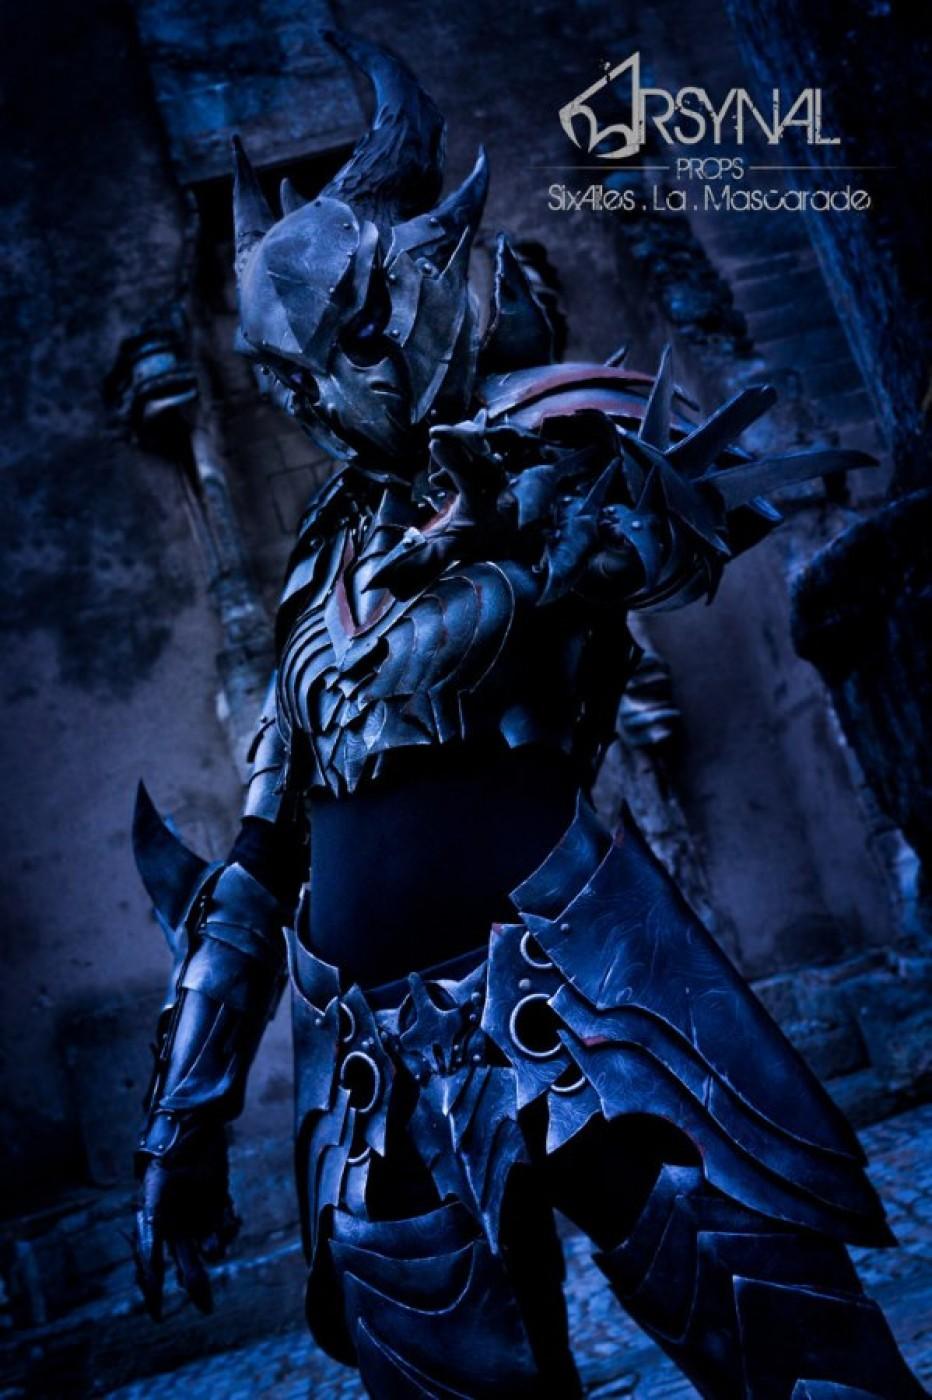 The-Elder-Scrolls-Online-Daedric-Armor-Cosplay-Gamers-Heroes-1.jpg